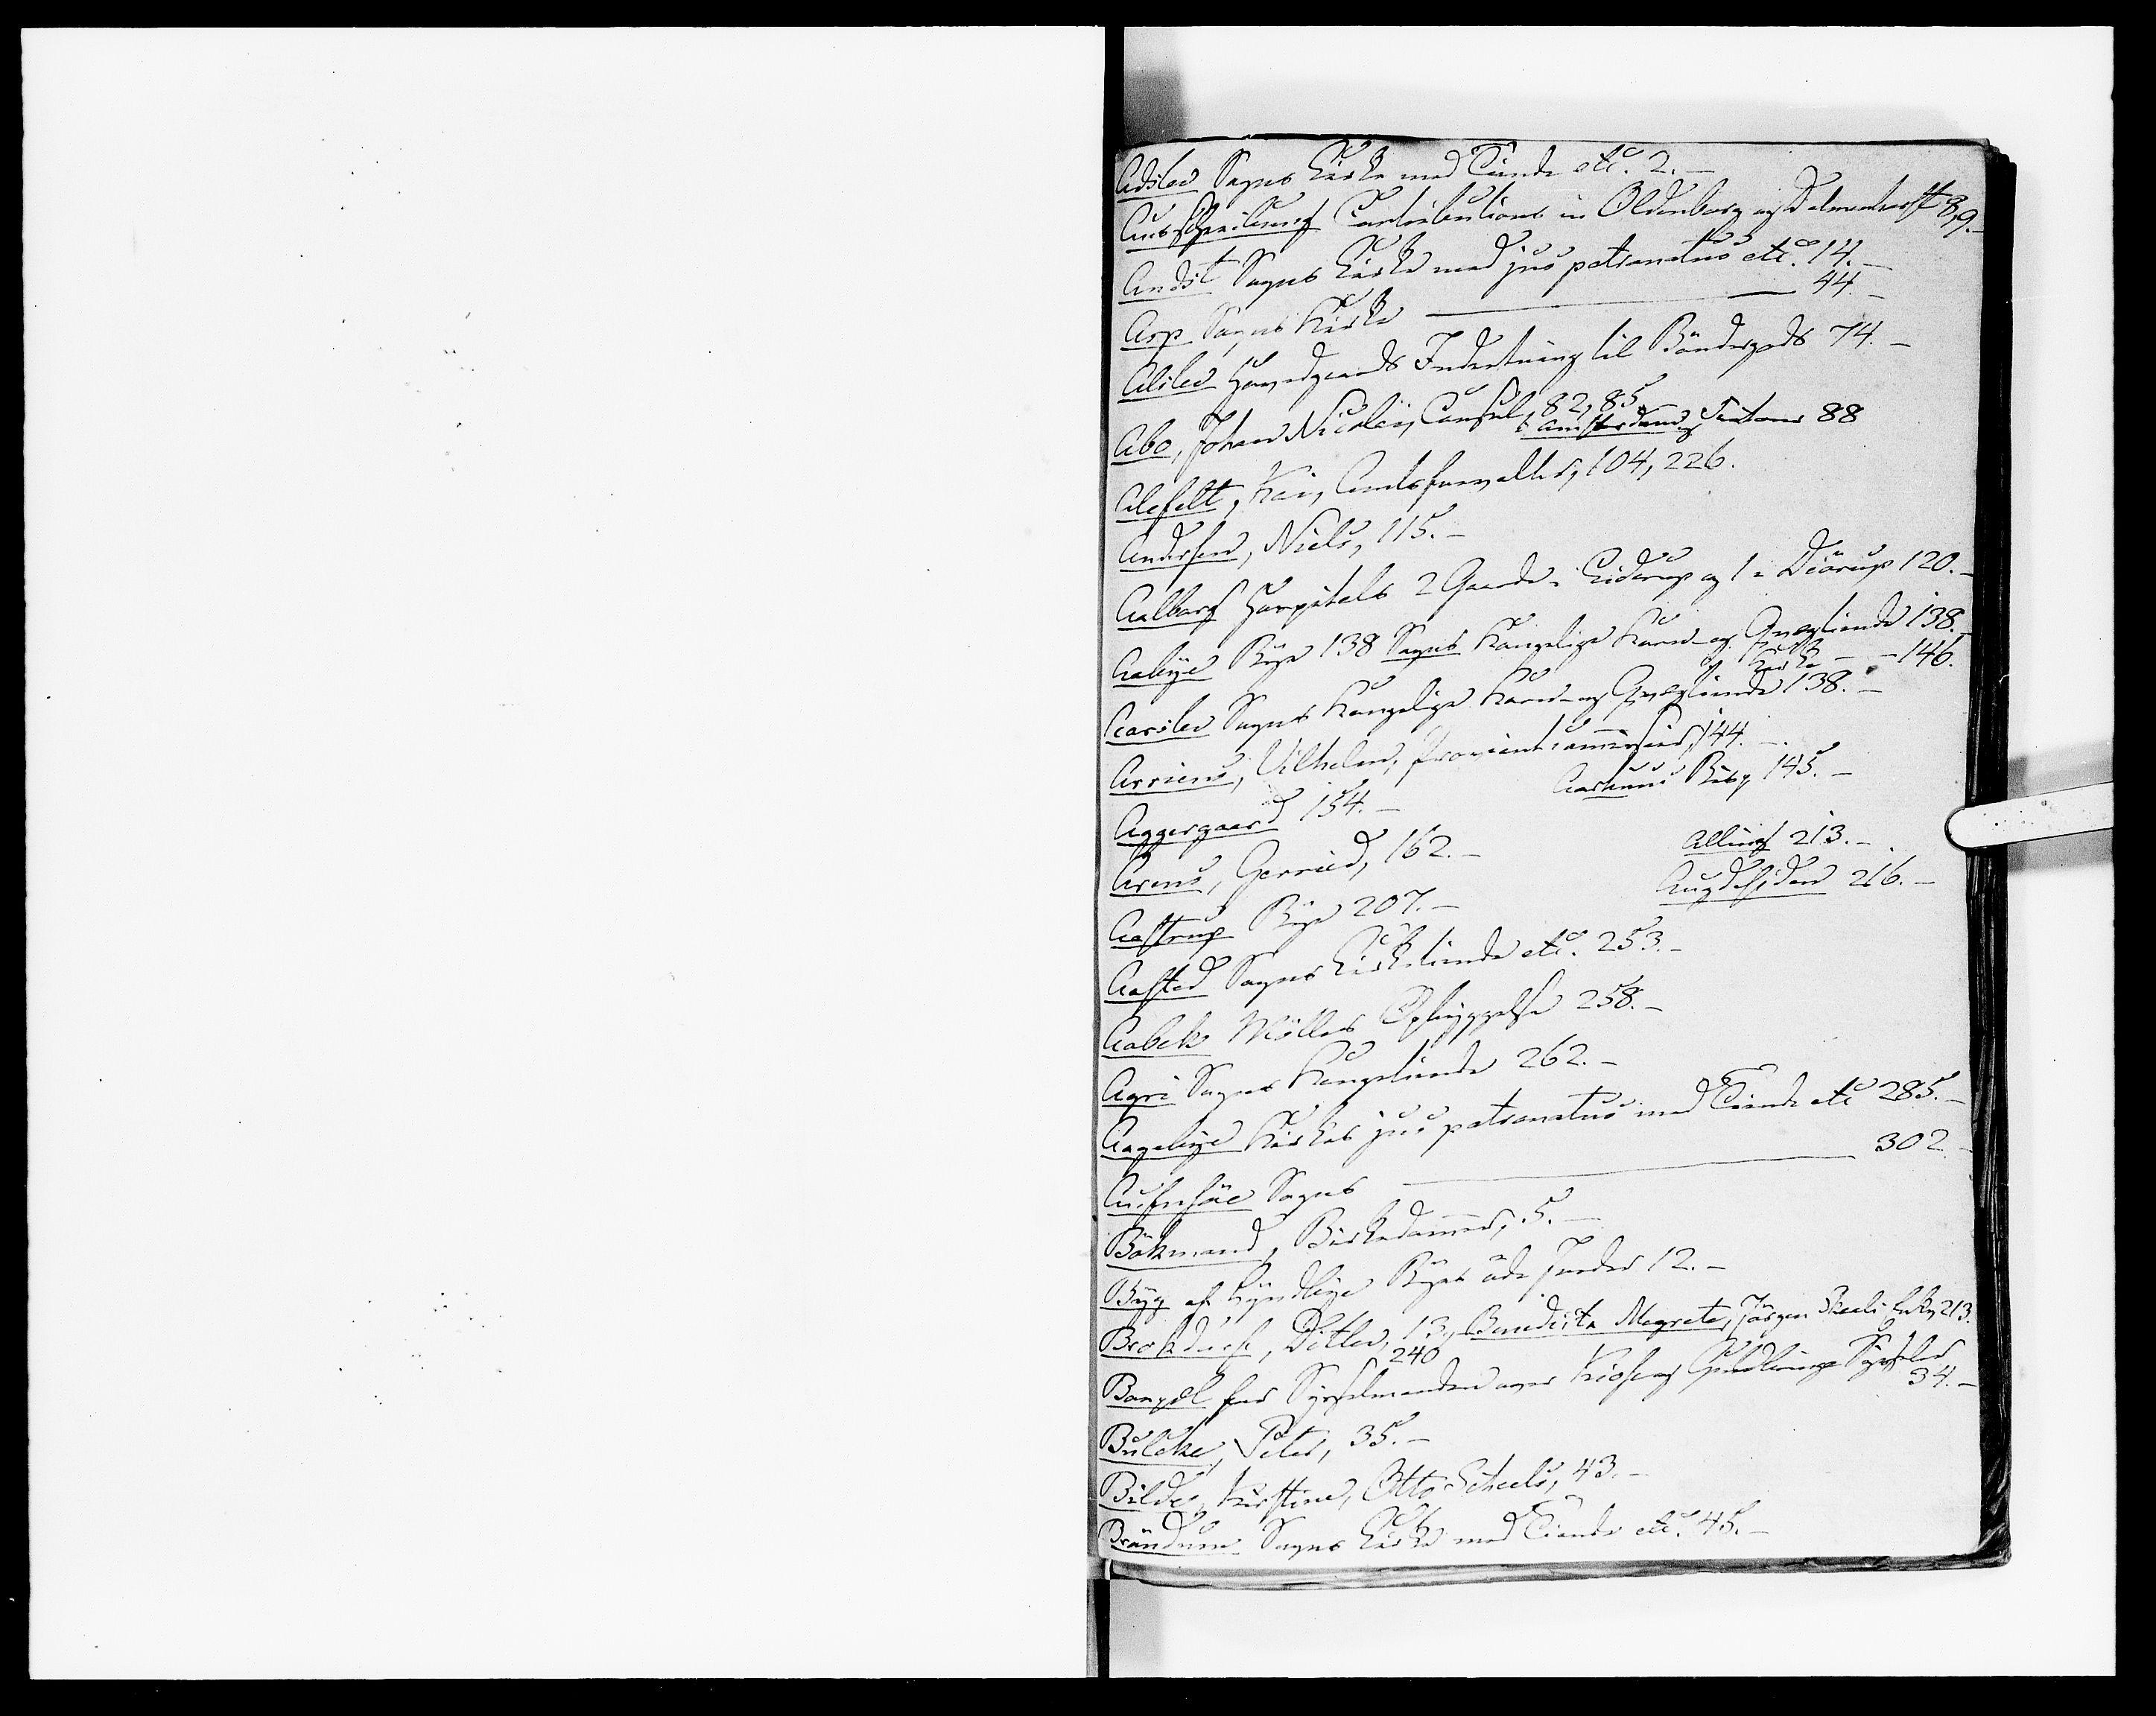 DRA, Rentekammeret Skatkammeret, Danske Sekretariat (1660-1679) / Rentekammeret Danske Afdeling, Kammerkancelliet (1679-1771), -/2212-13: Ekspeditionsprotokol, 1699